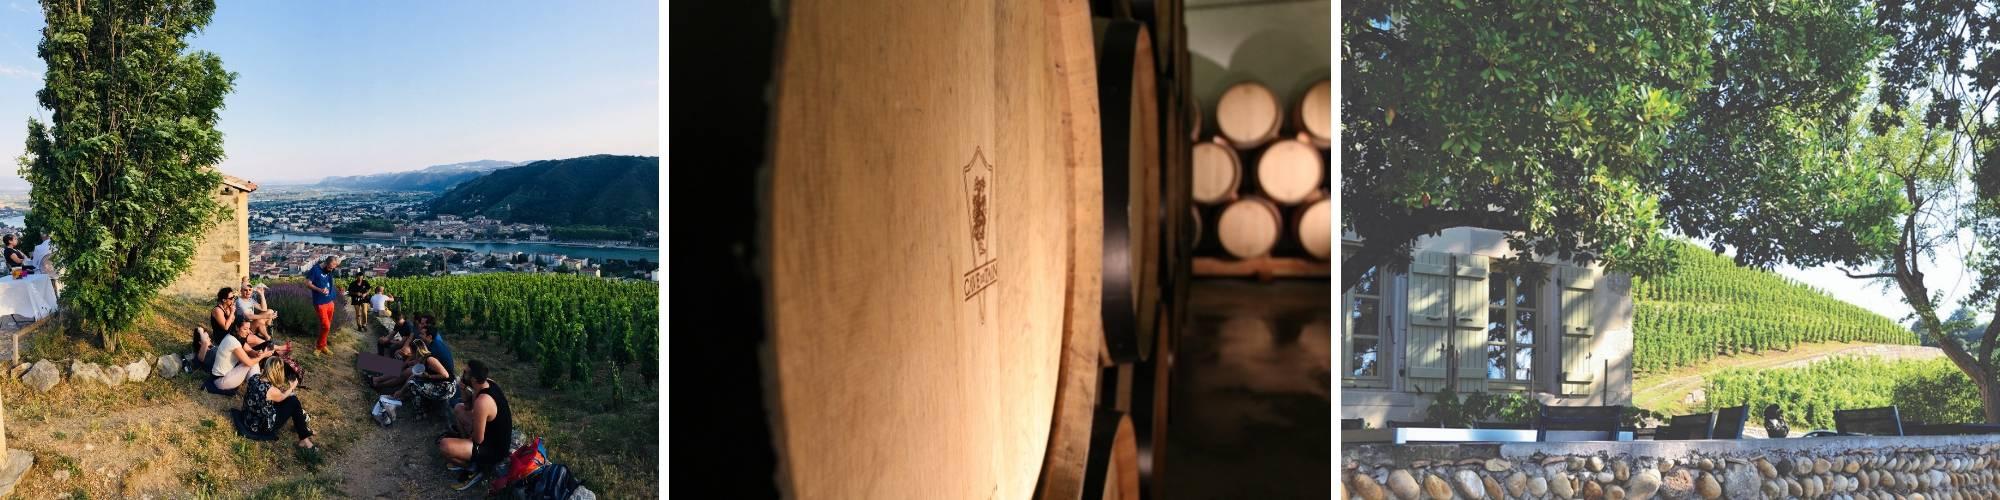 Un week-end autour du vin à la rencontre de nos vignerons